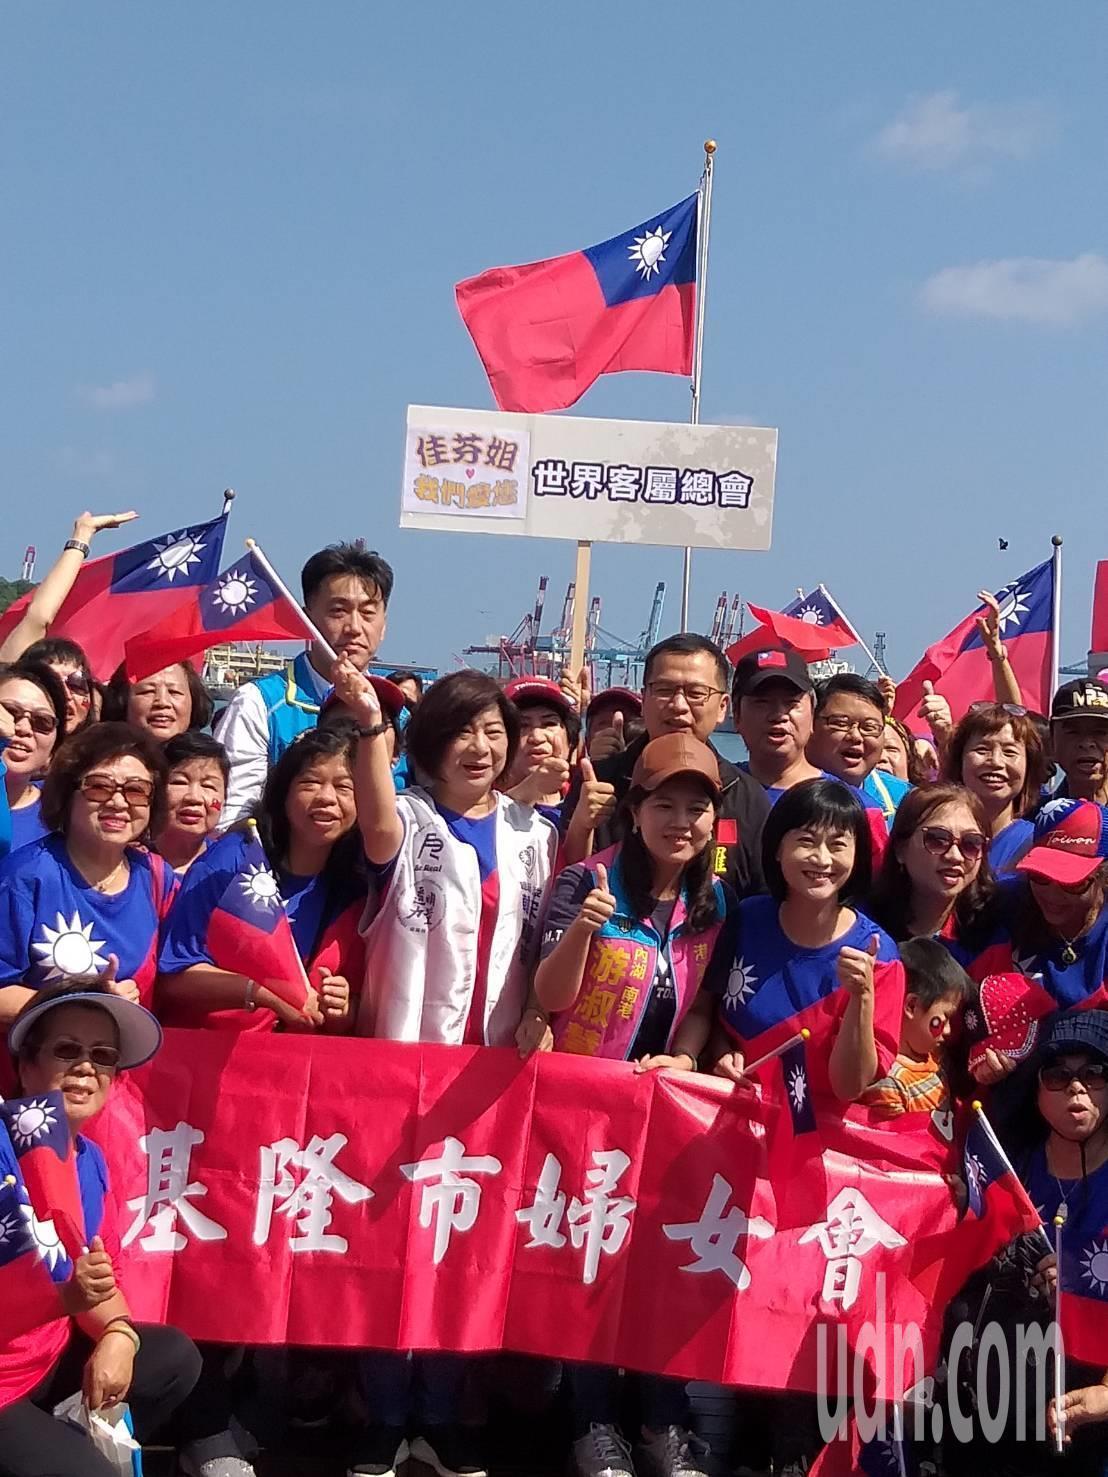 基隆市婦女會今天在海洋廣場舉辦國慶升旗典禮,台北市議員羅智強出席,指2020選戰...